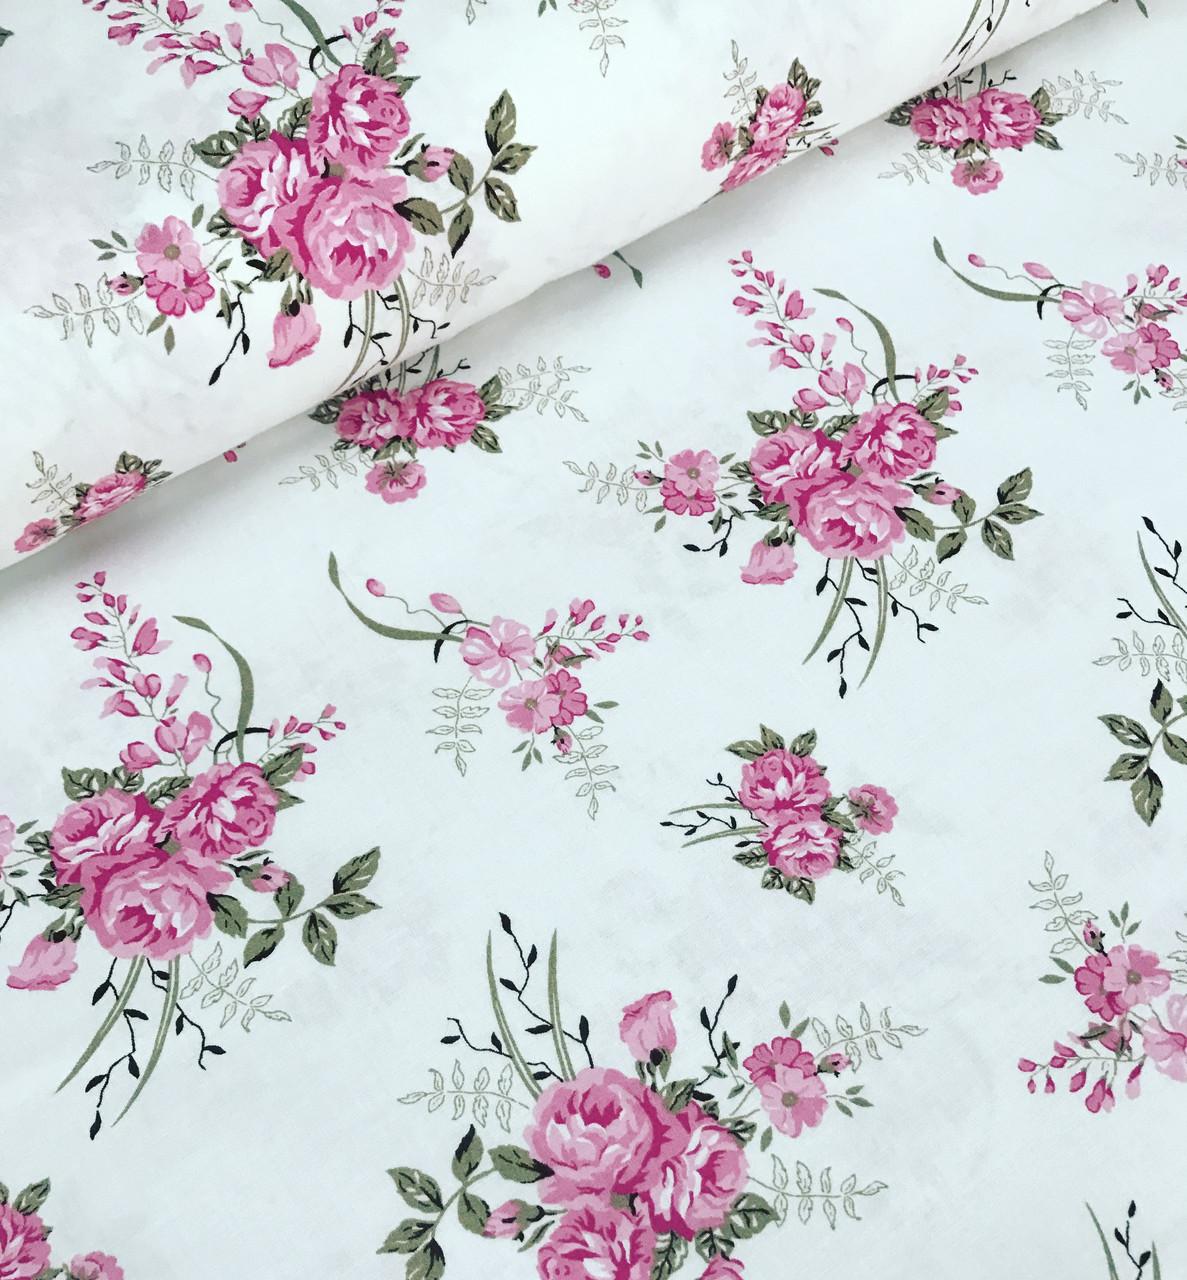 Хлопковая ткань преммиум-класса компаньон розы с бежевыми листочками на белом